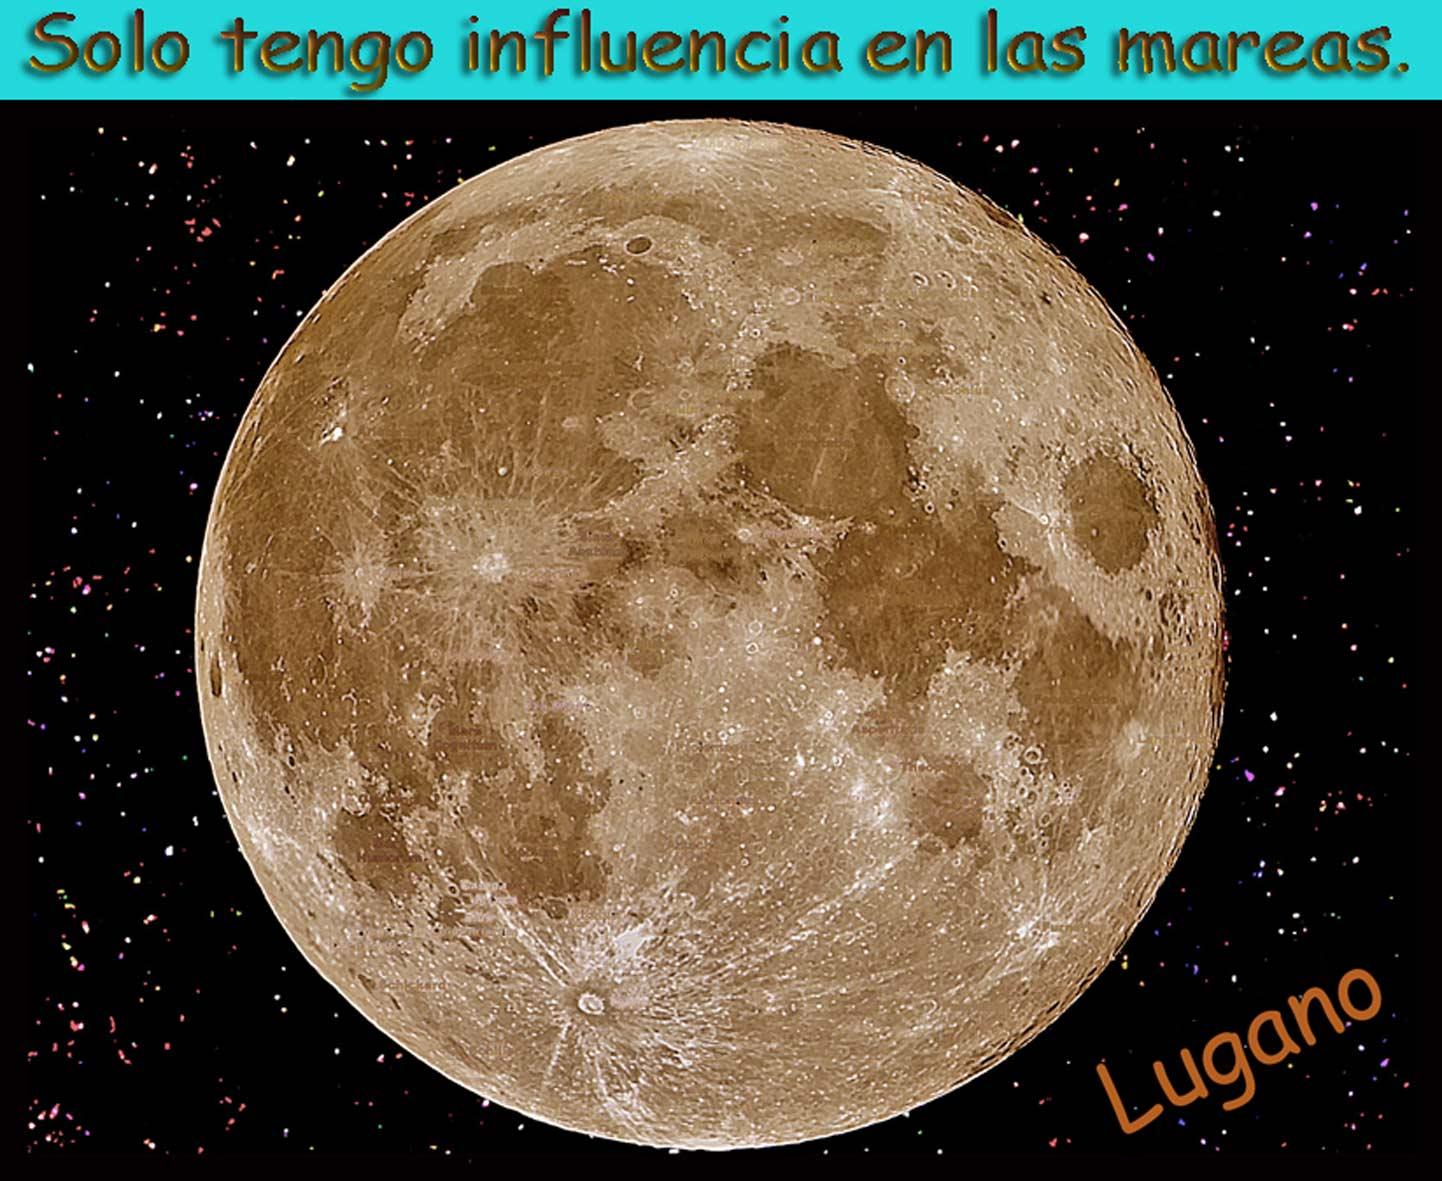 Cu ndo podar frutales con luna meguante o luna creciente Cuando hay luna creciente